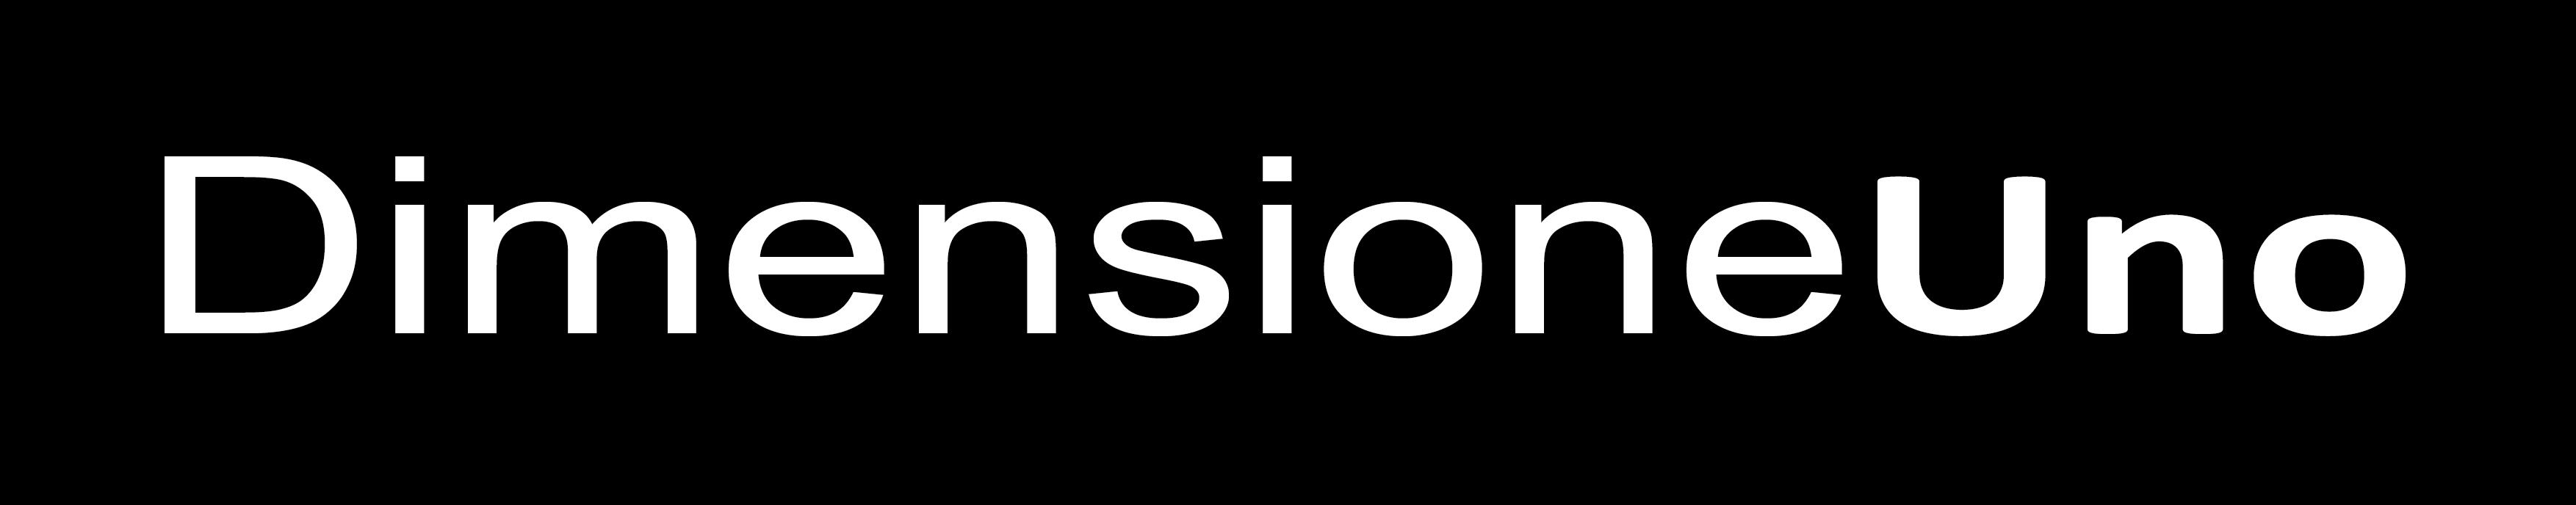 dimensionelogo_bianco